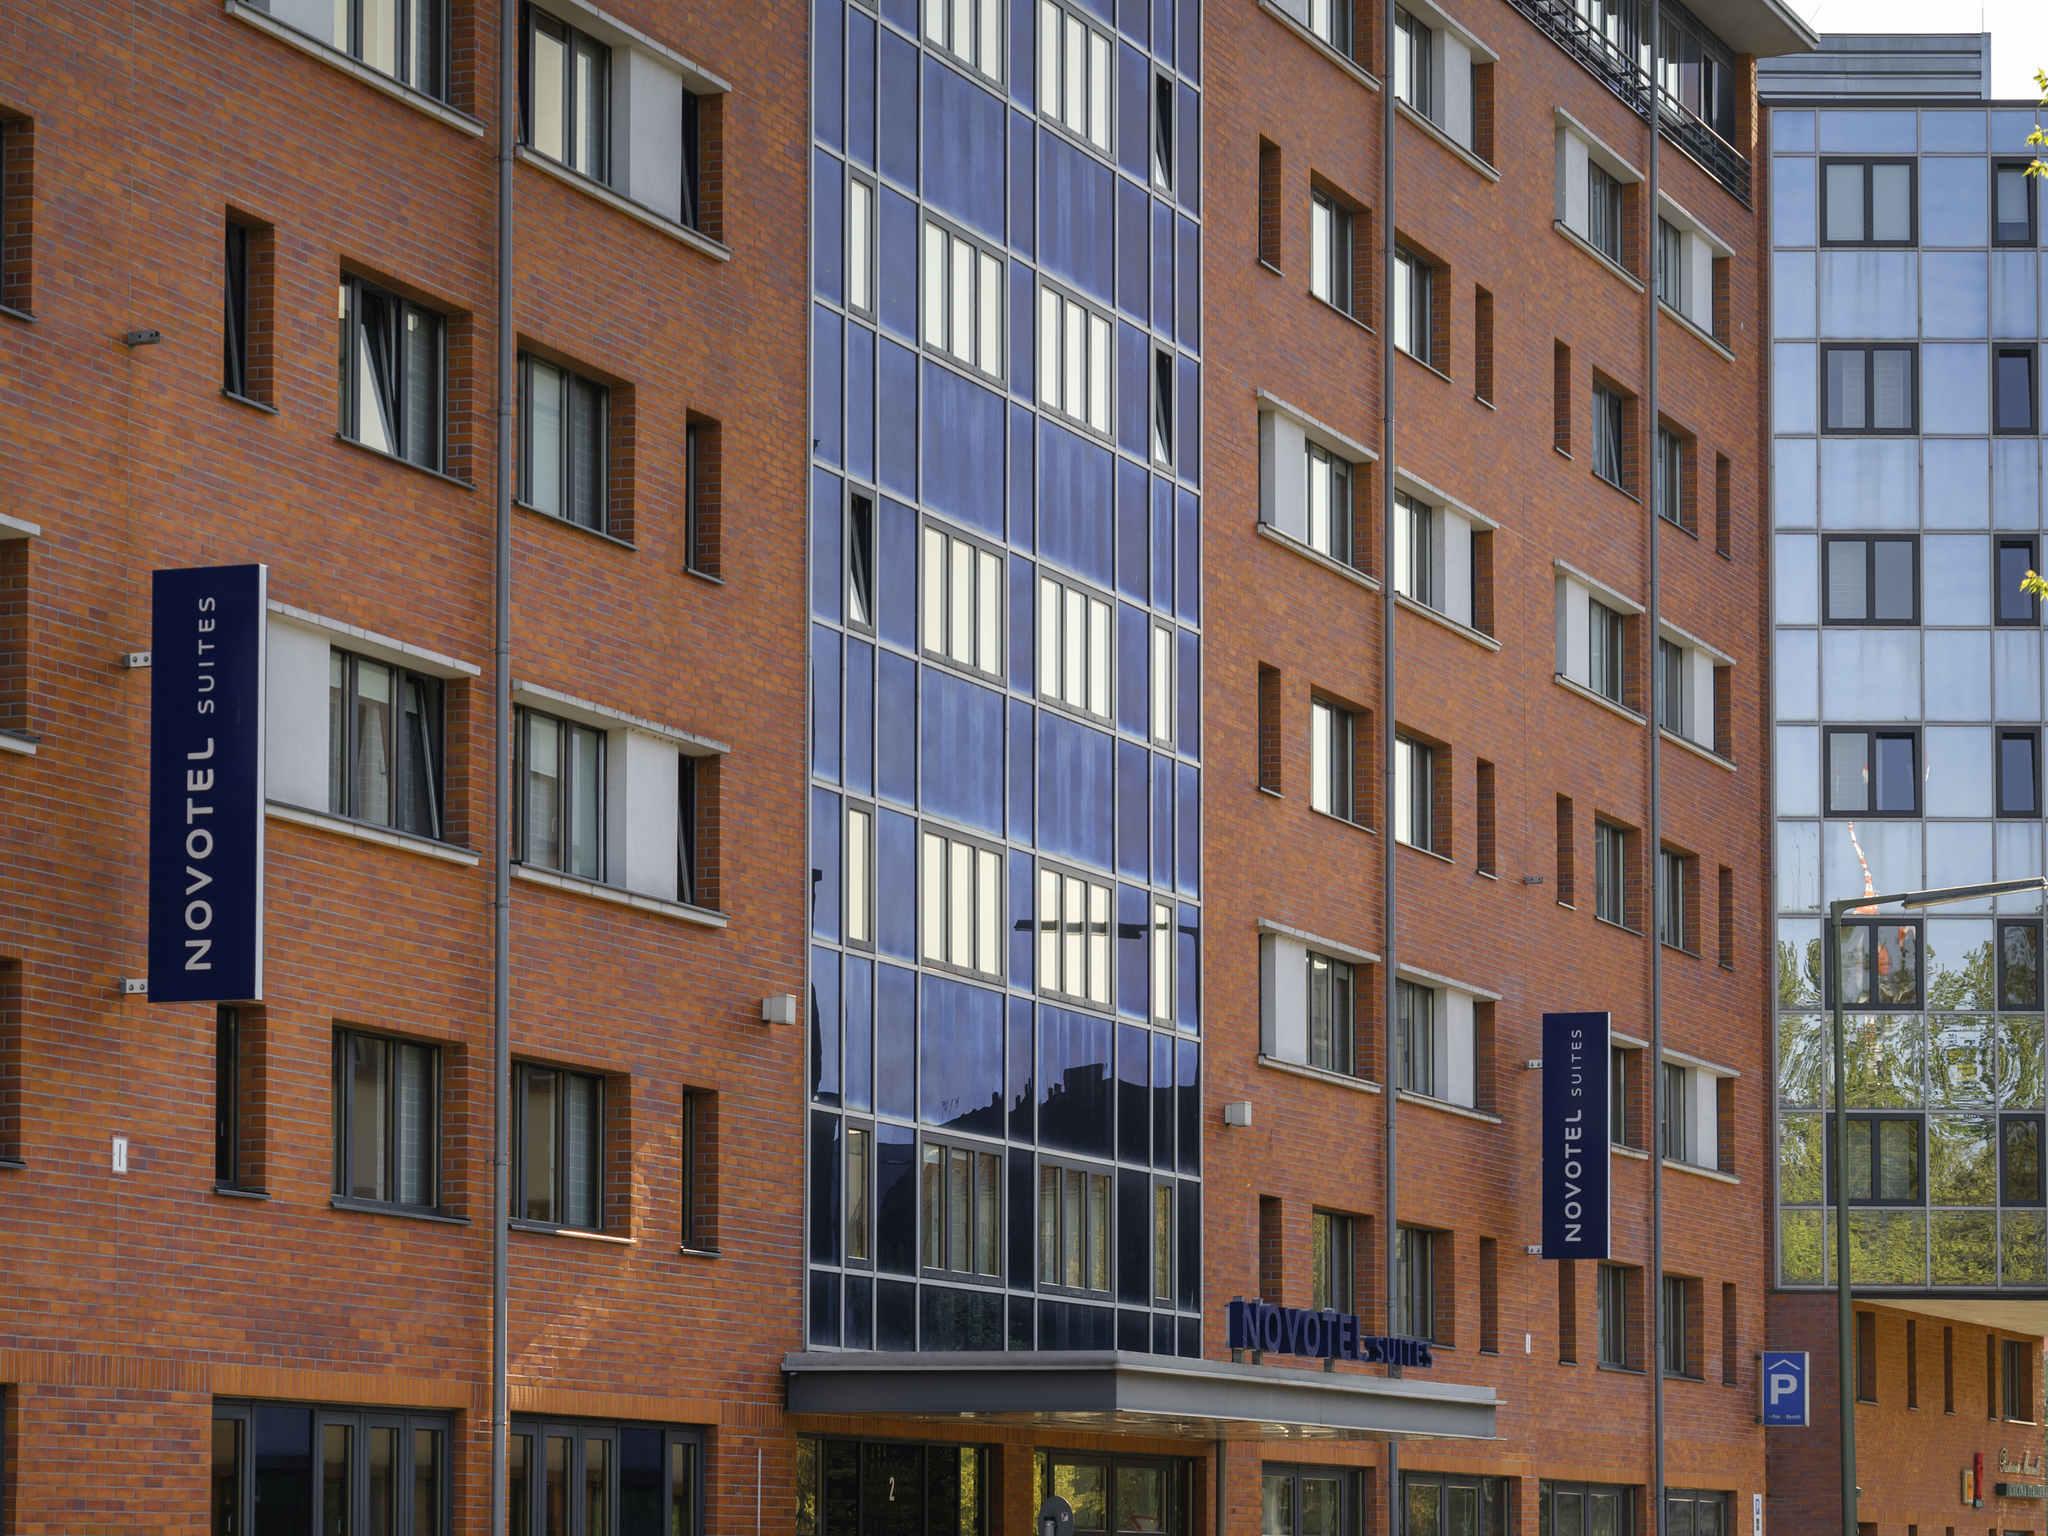 酒店 – 柏林市波茨坦广场诺富特套房酒店